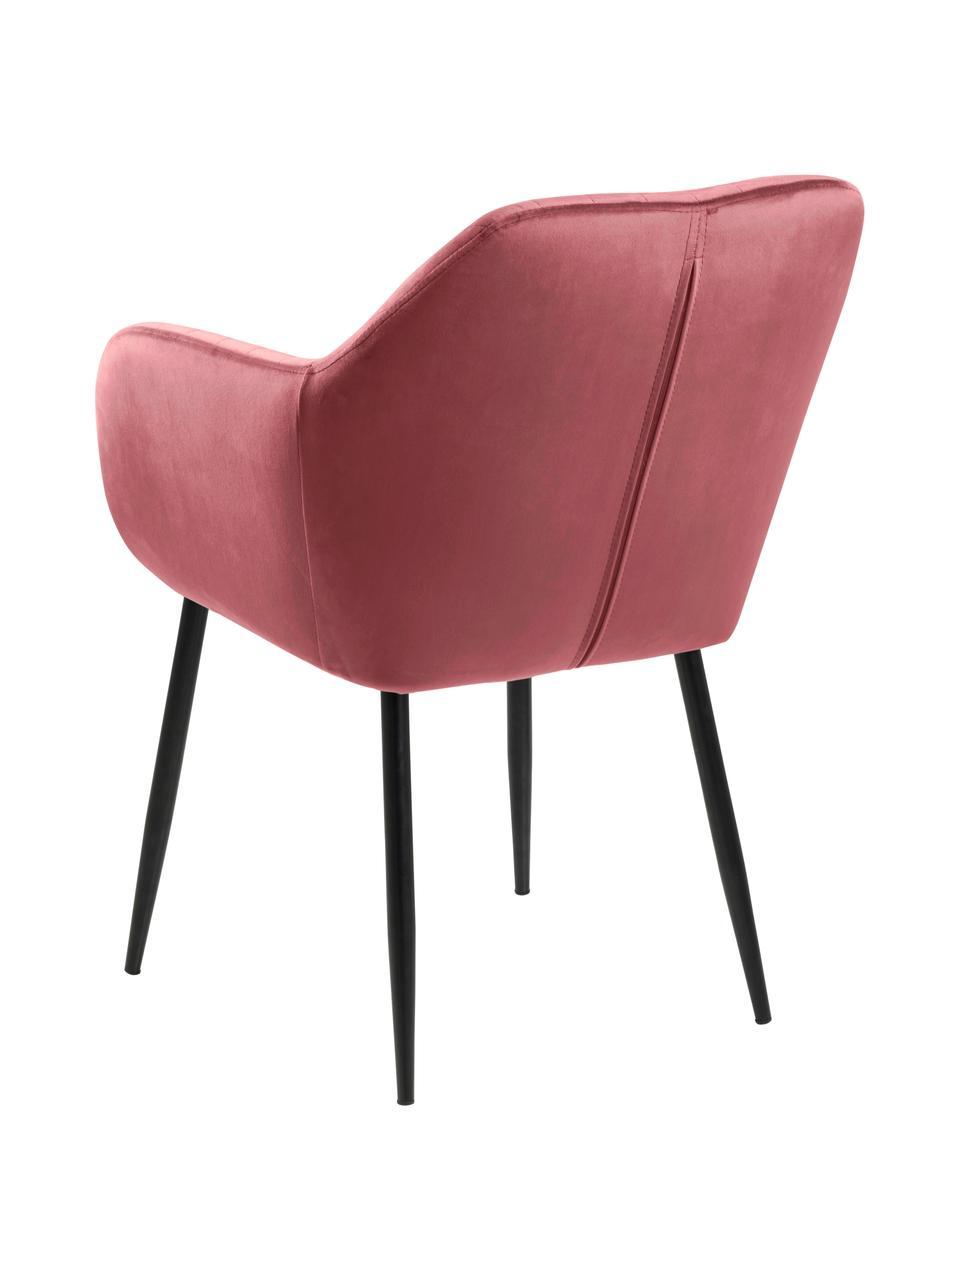 Krzesło z podłokietnikami z aksamitu i metalowymi nogami Emilia, Tapicerka: aksamit poliestrowy Dzięk, Nogi: metal lakierowany, Aksamitny koralowy, czarny, S 57 x G 59 cm